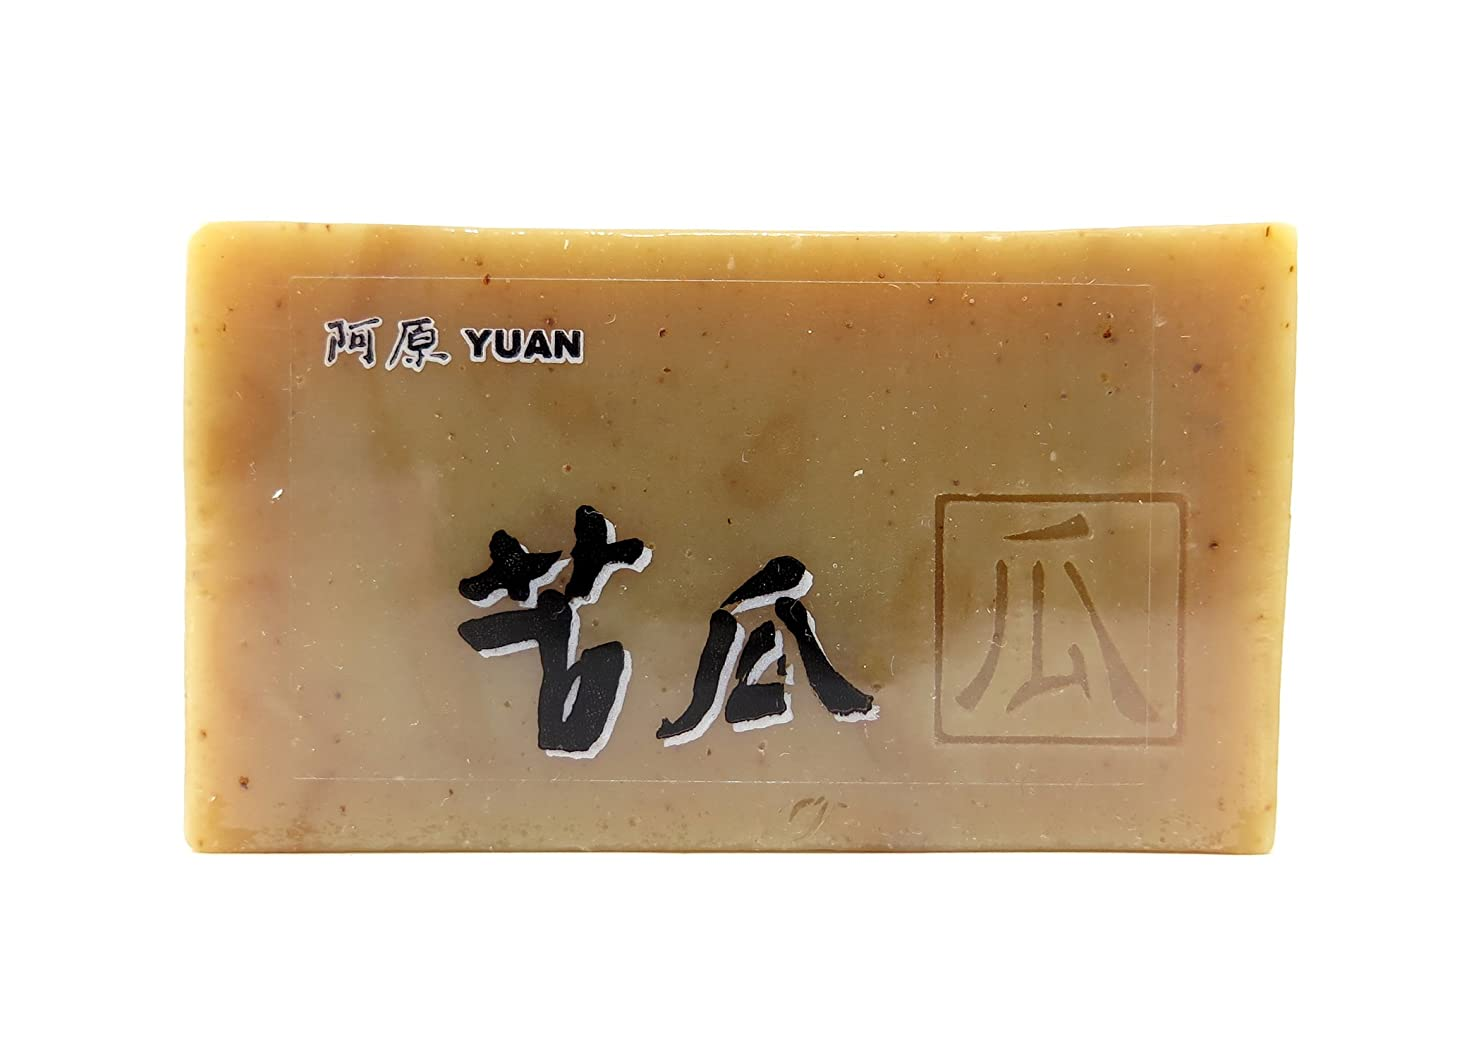 一次発送義務的YUAN SOAP ユアンソープ 苦瓜(にがうり) 100g (阿原 石けん 台湾コスメ)